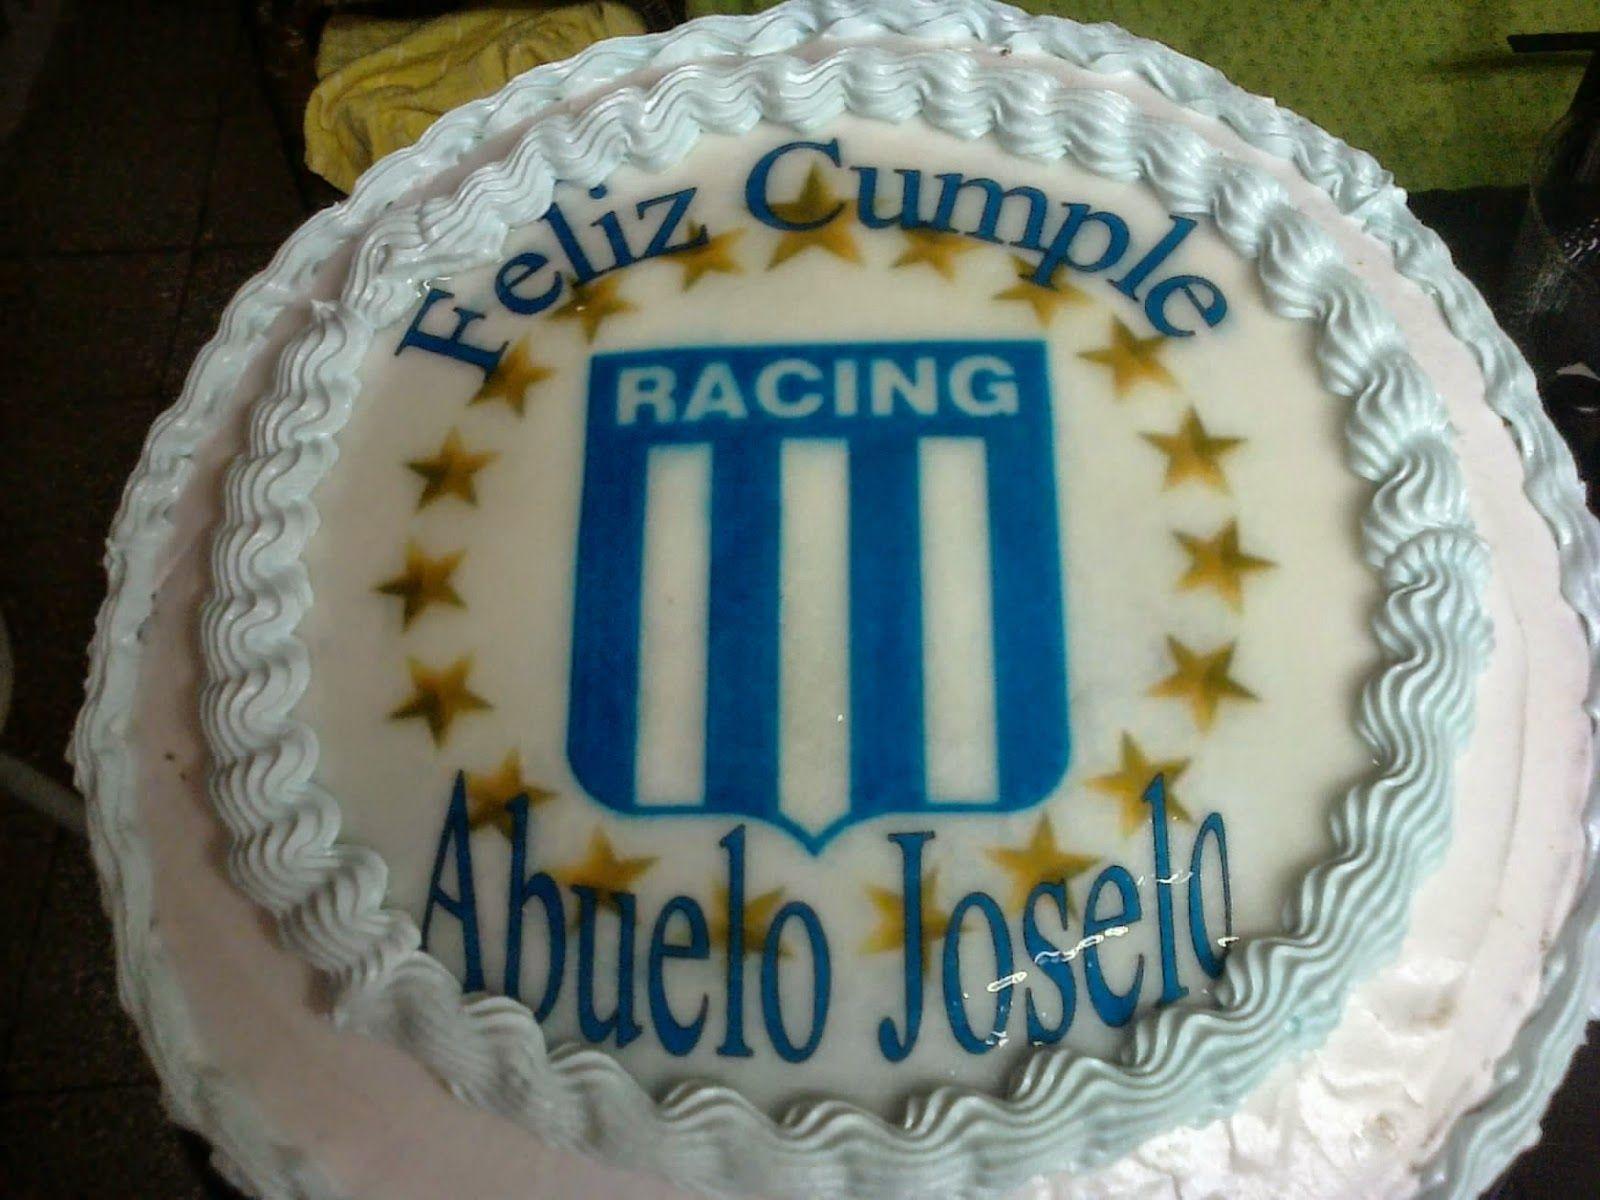 Fototortas rico y divertido torta de racing club de for Tortas decoradas faciles